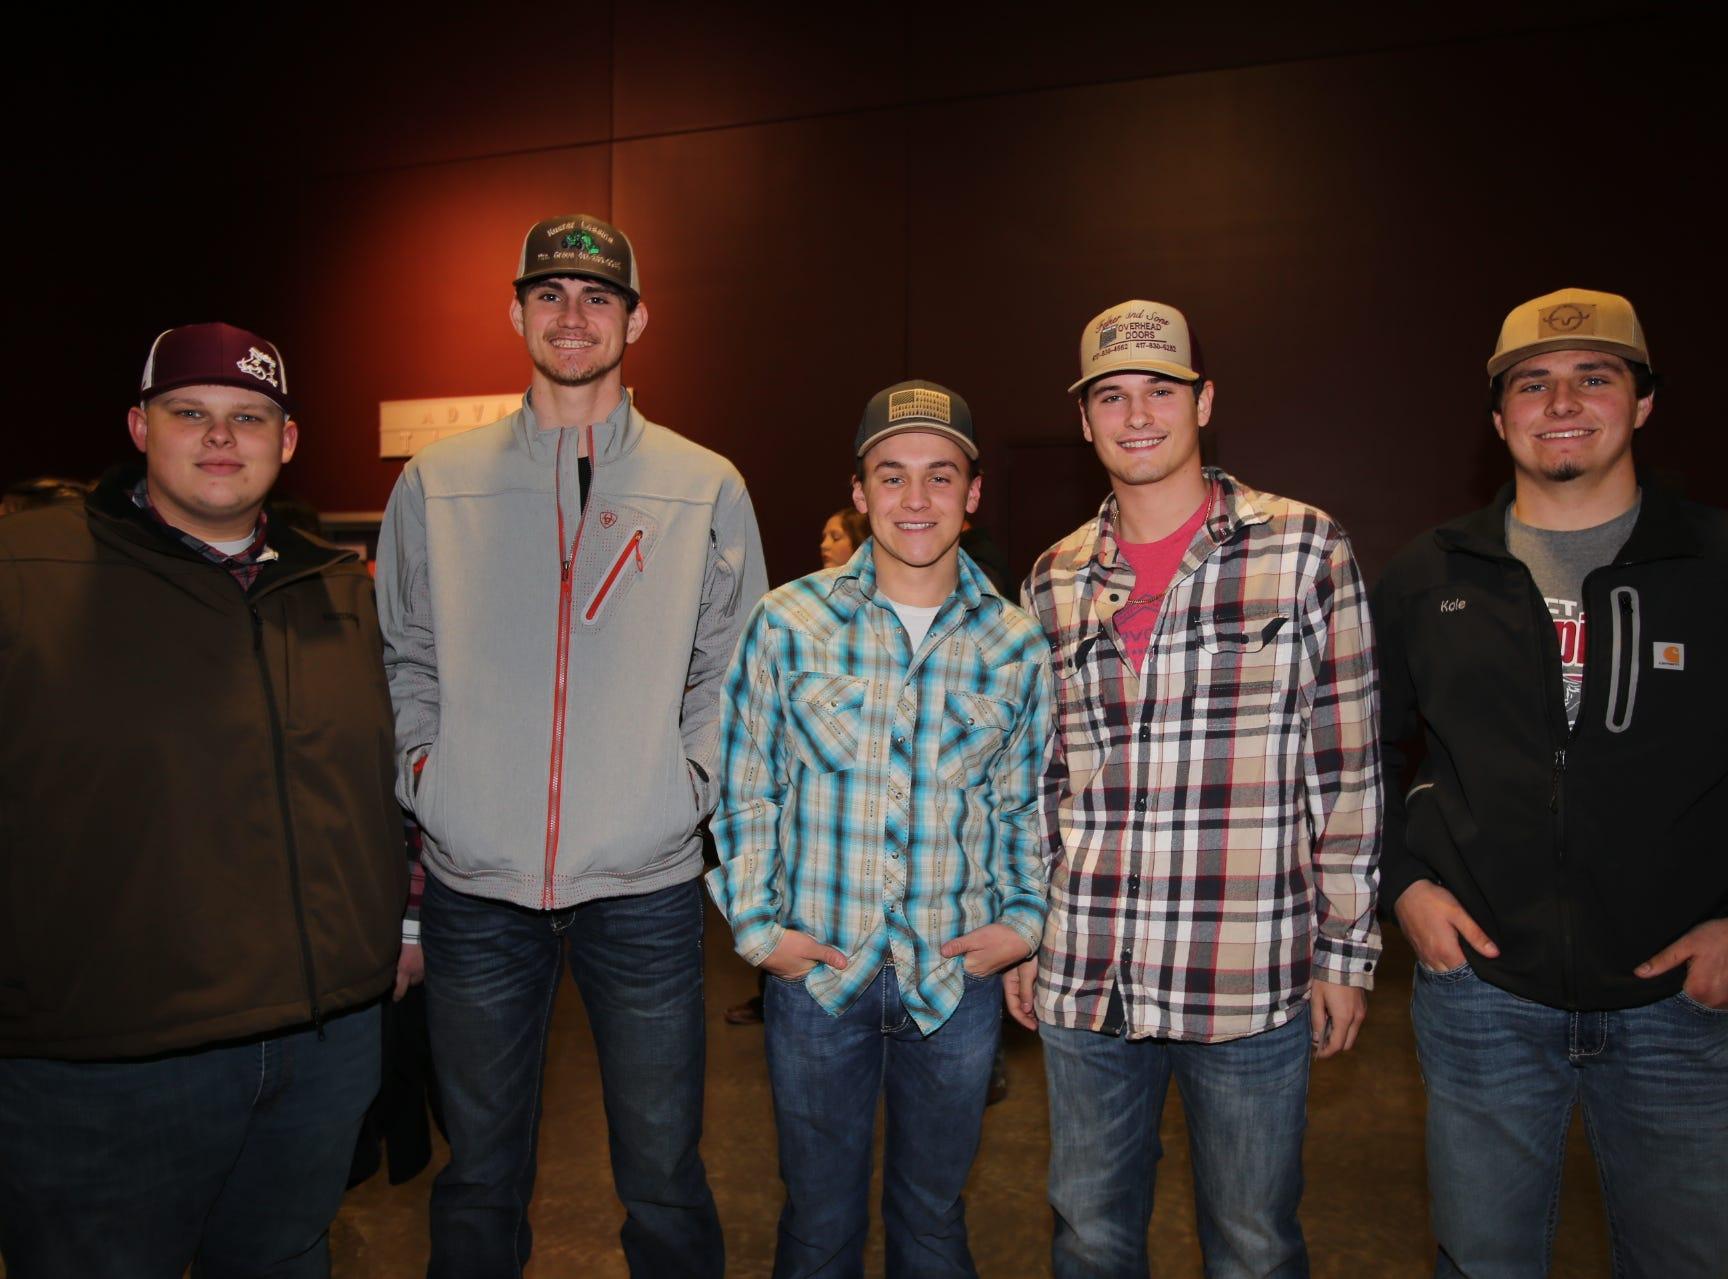 Cody Dale, Ryan Liska, Carson Cooper, John Felker, and Kole Kuster